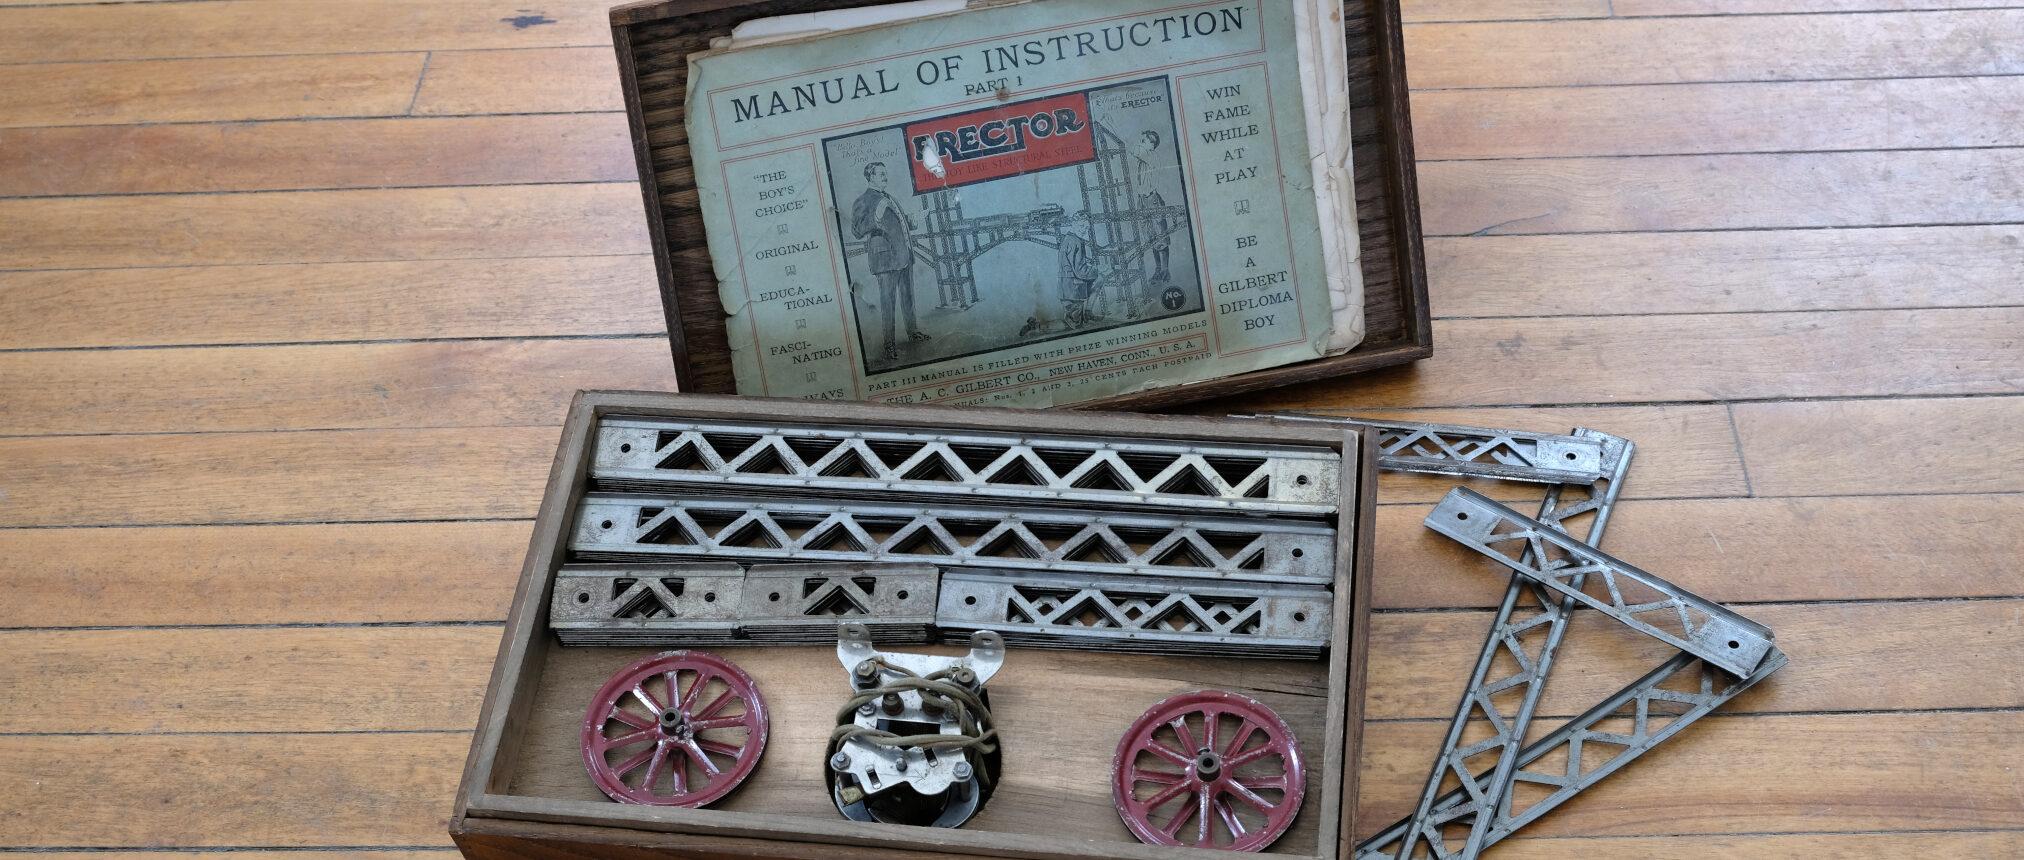 Erector Set including box and square girder